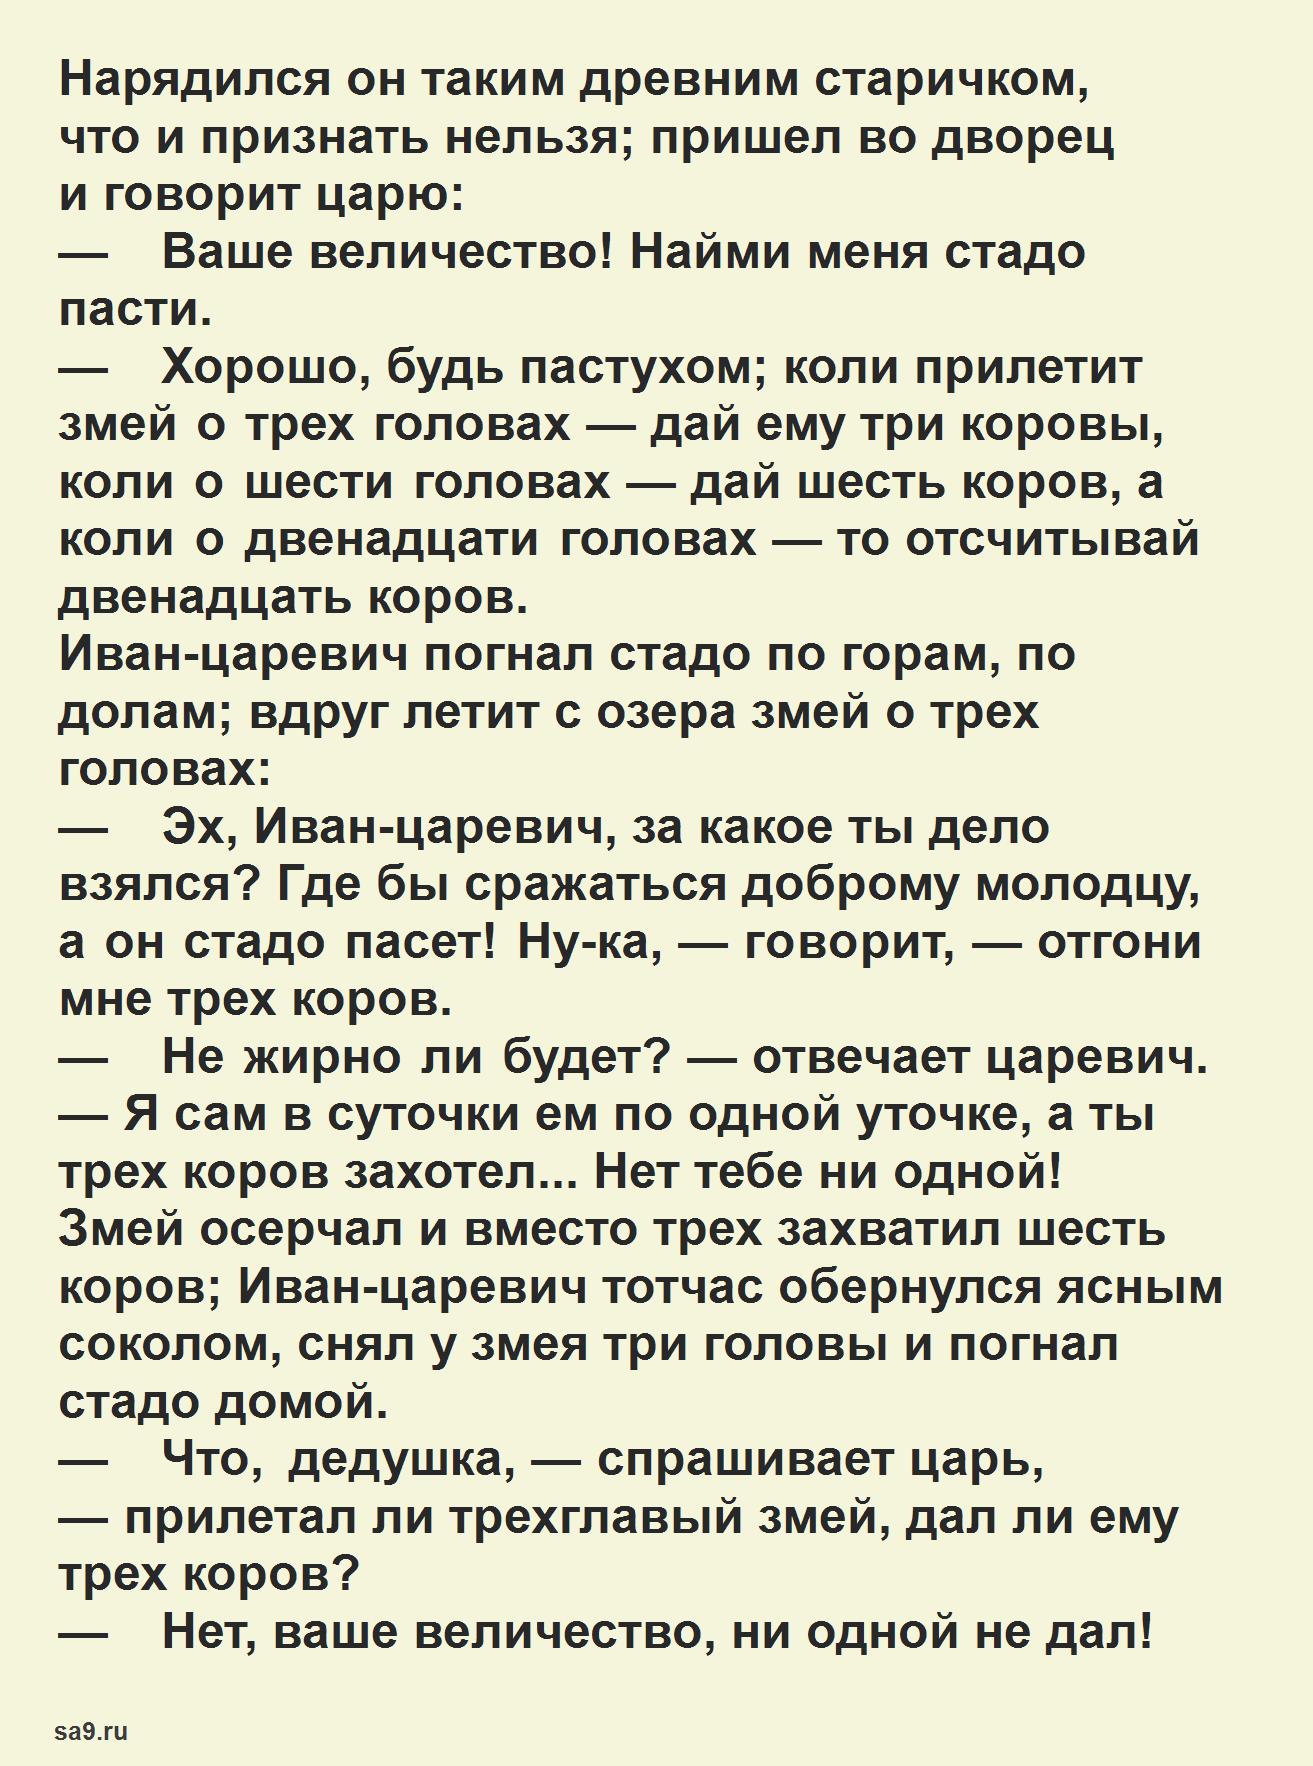 Русская народная сказка - Хрустальная гора, читать онлайн бесплатно